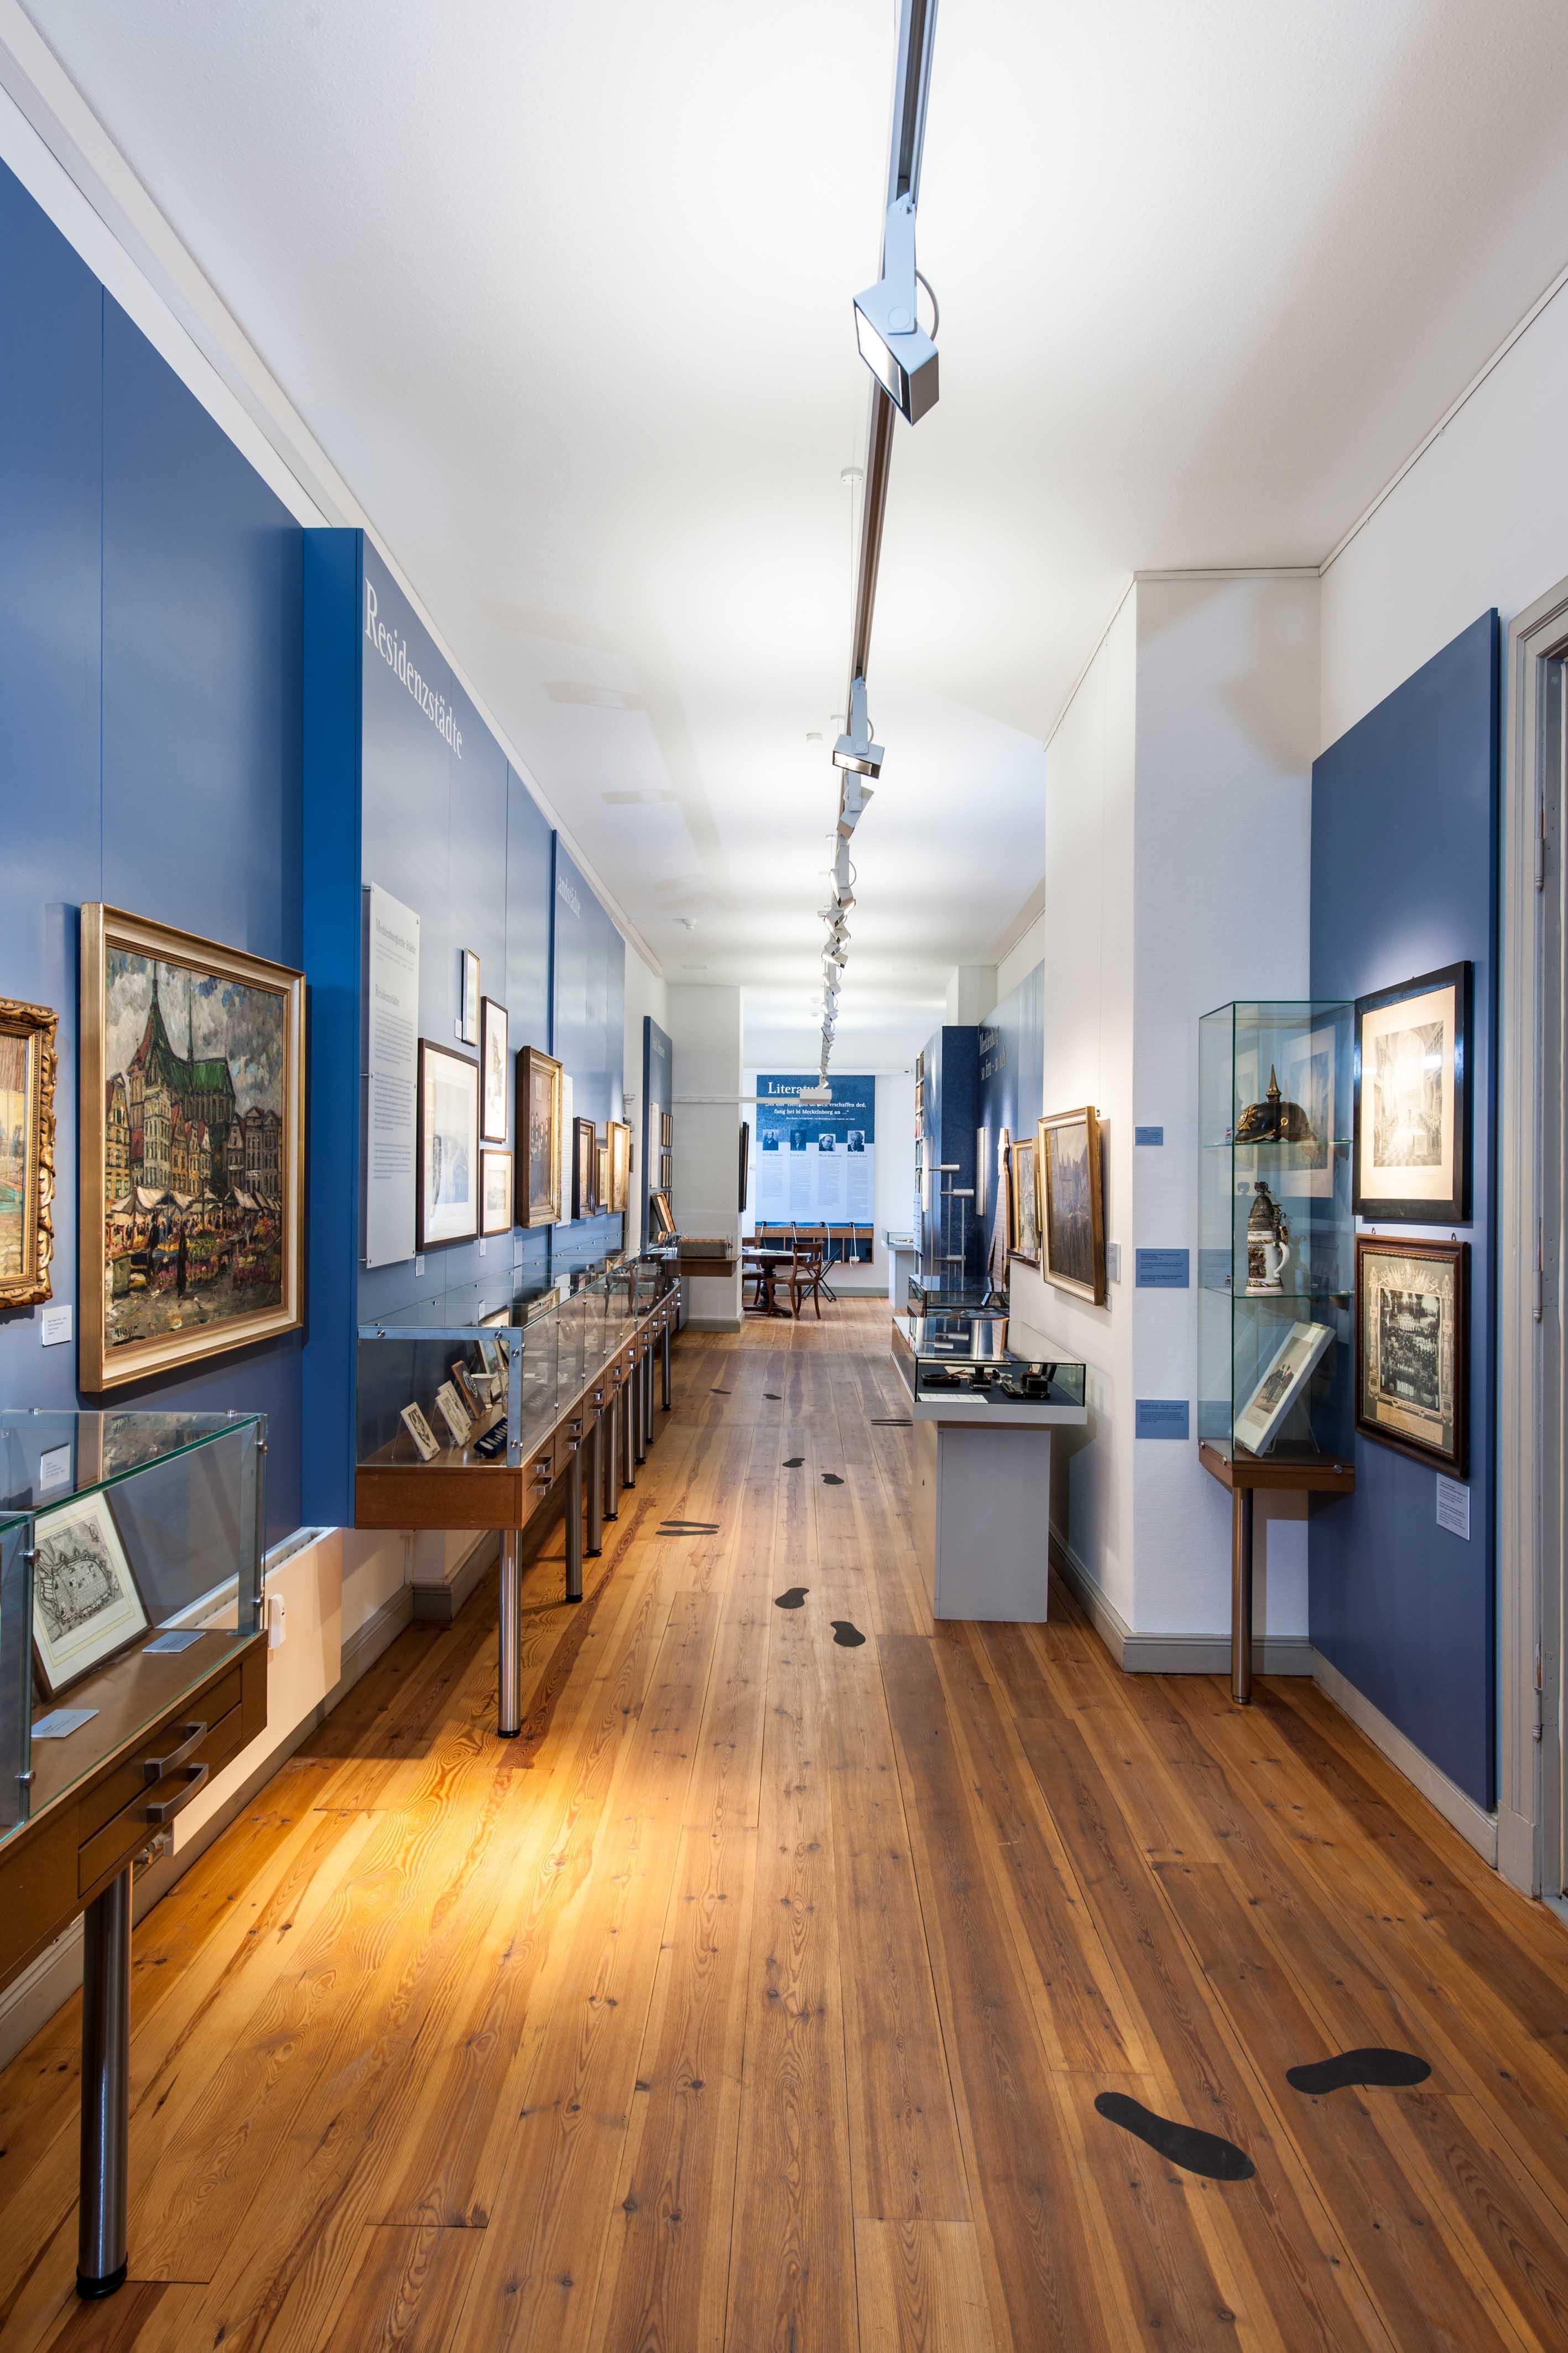 Blick in die Dauerausstellung © Stiftung Mecklenburg, Foto: Jörn Lehmann